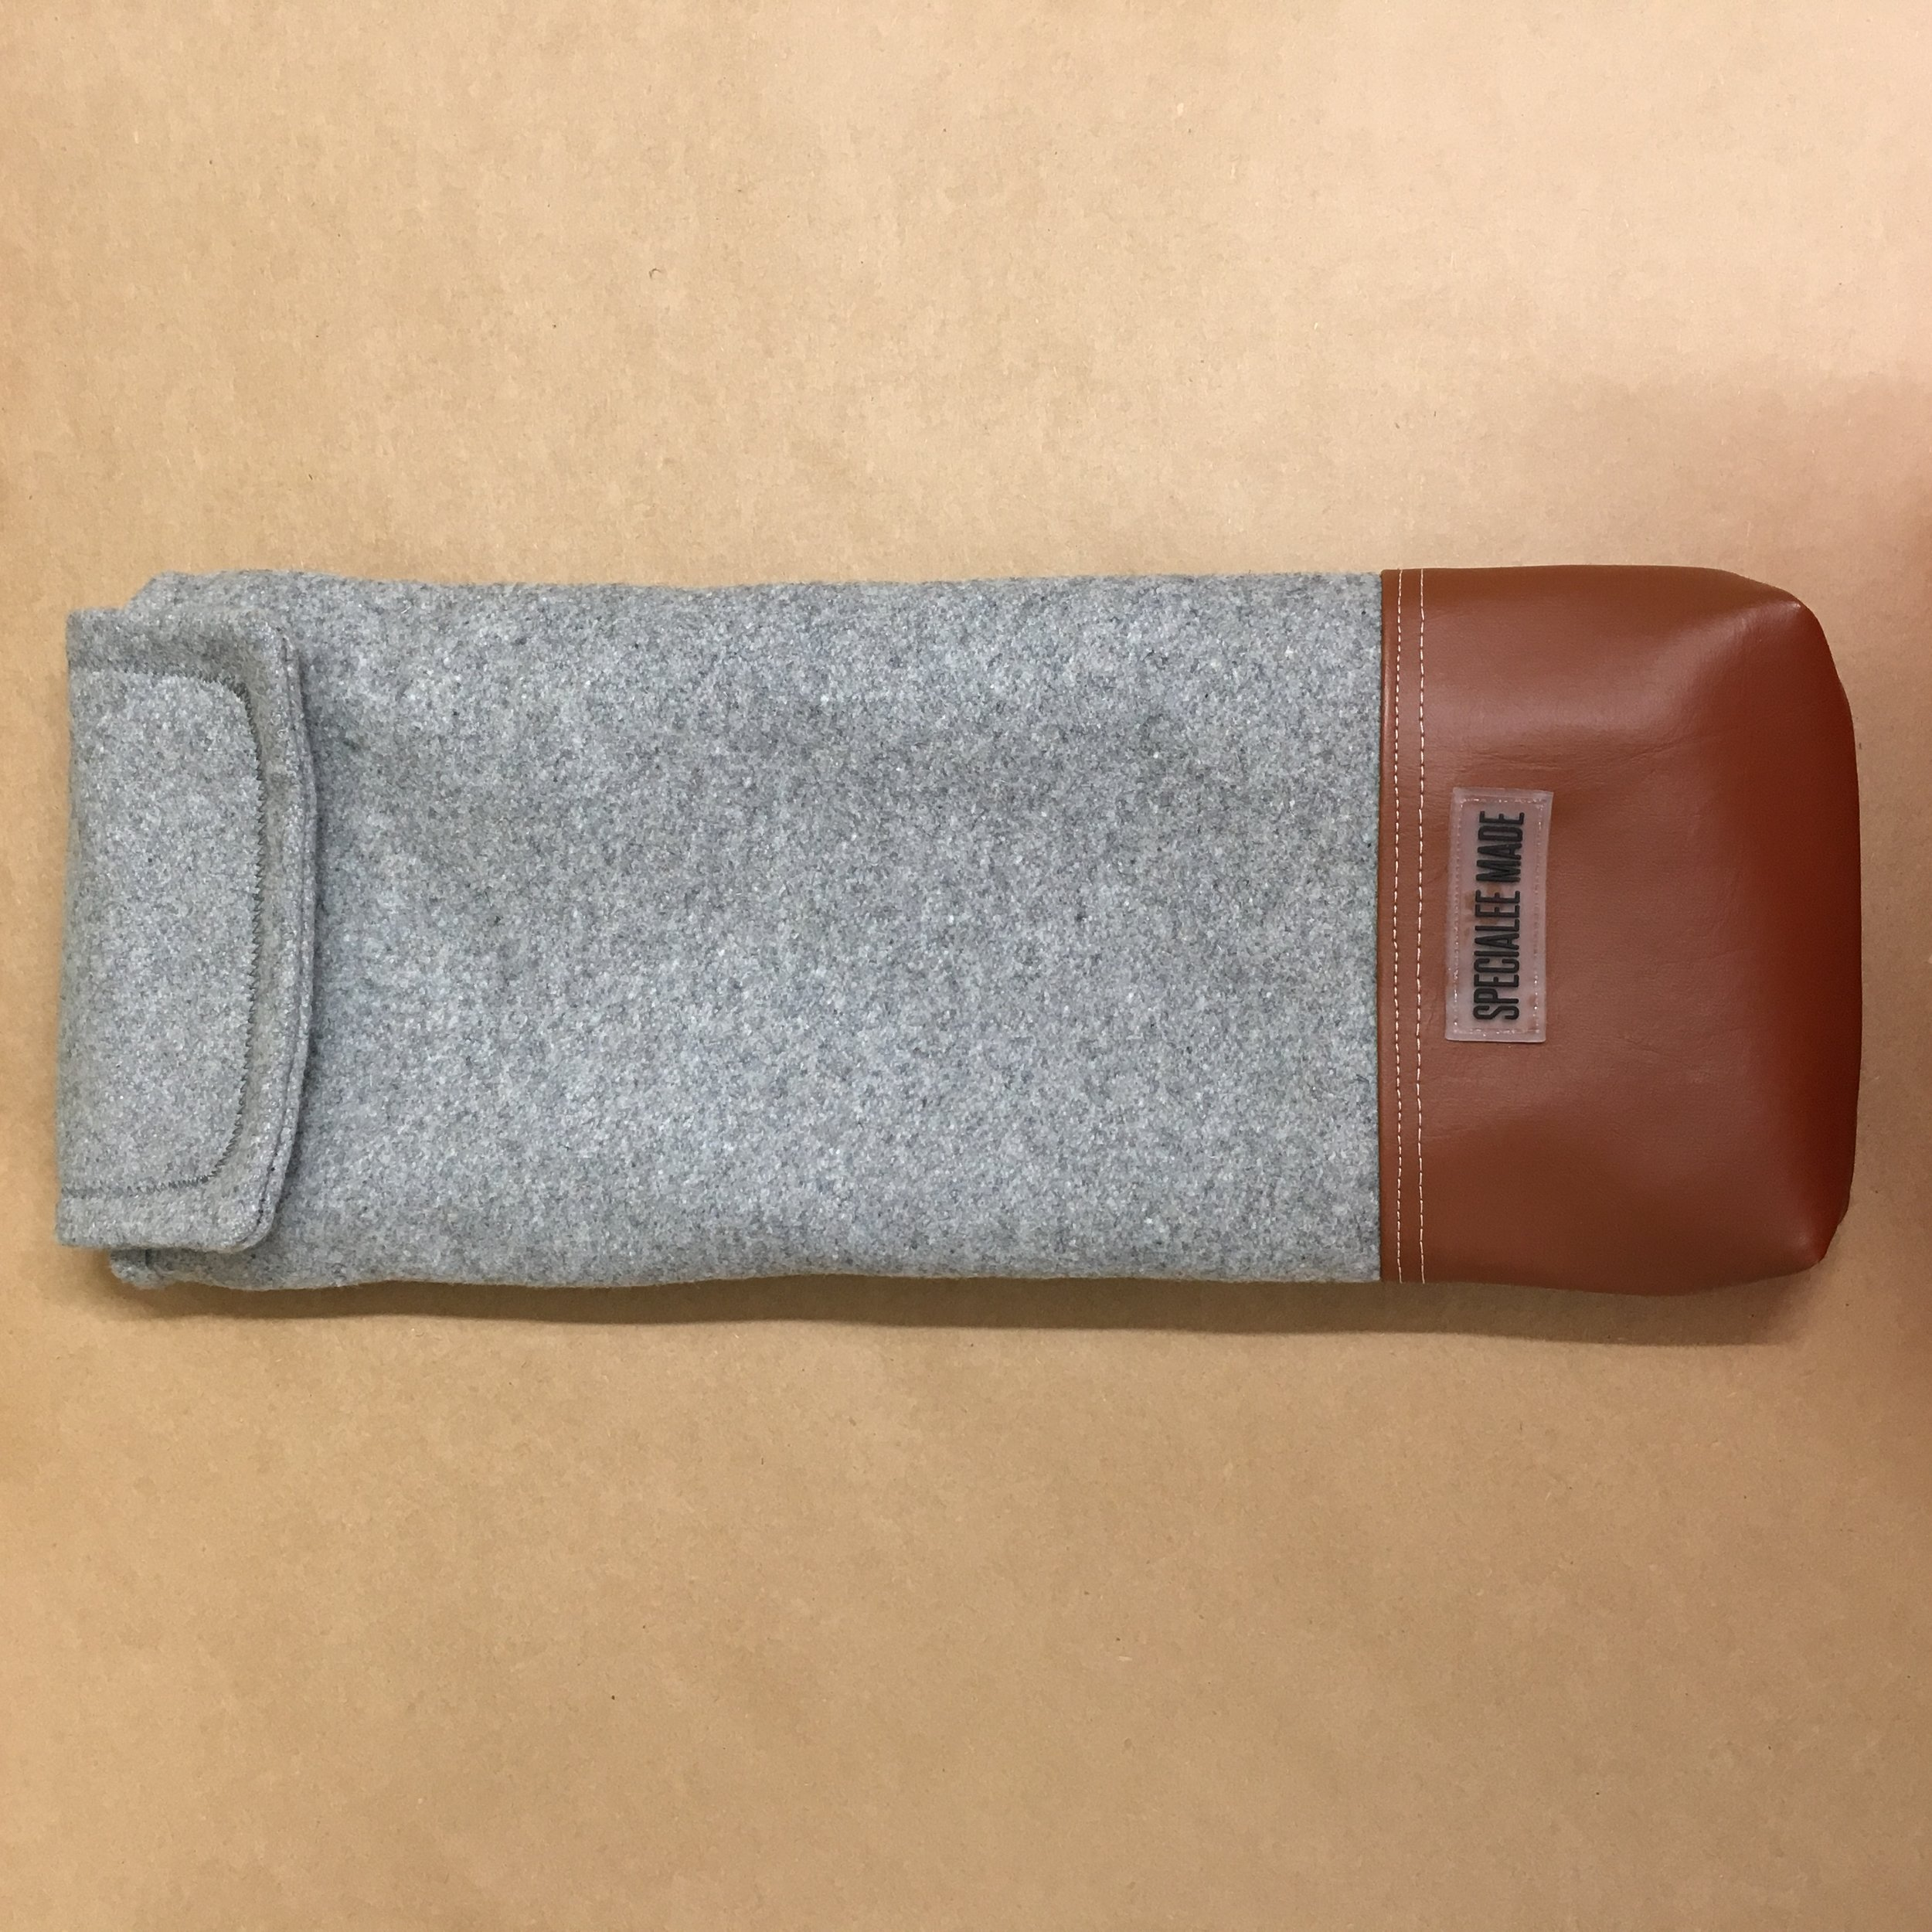 POCKET STYLE: NONE (SEAMED SHUT) - Don't need any pockets? No problem.